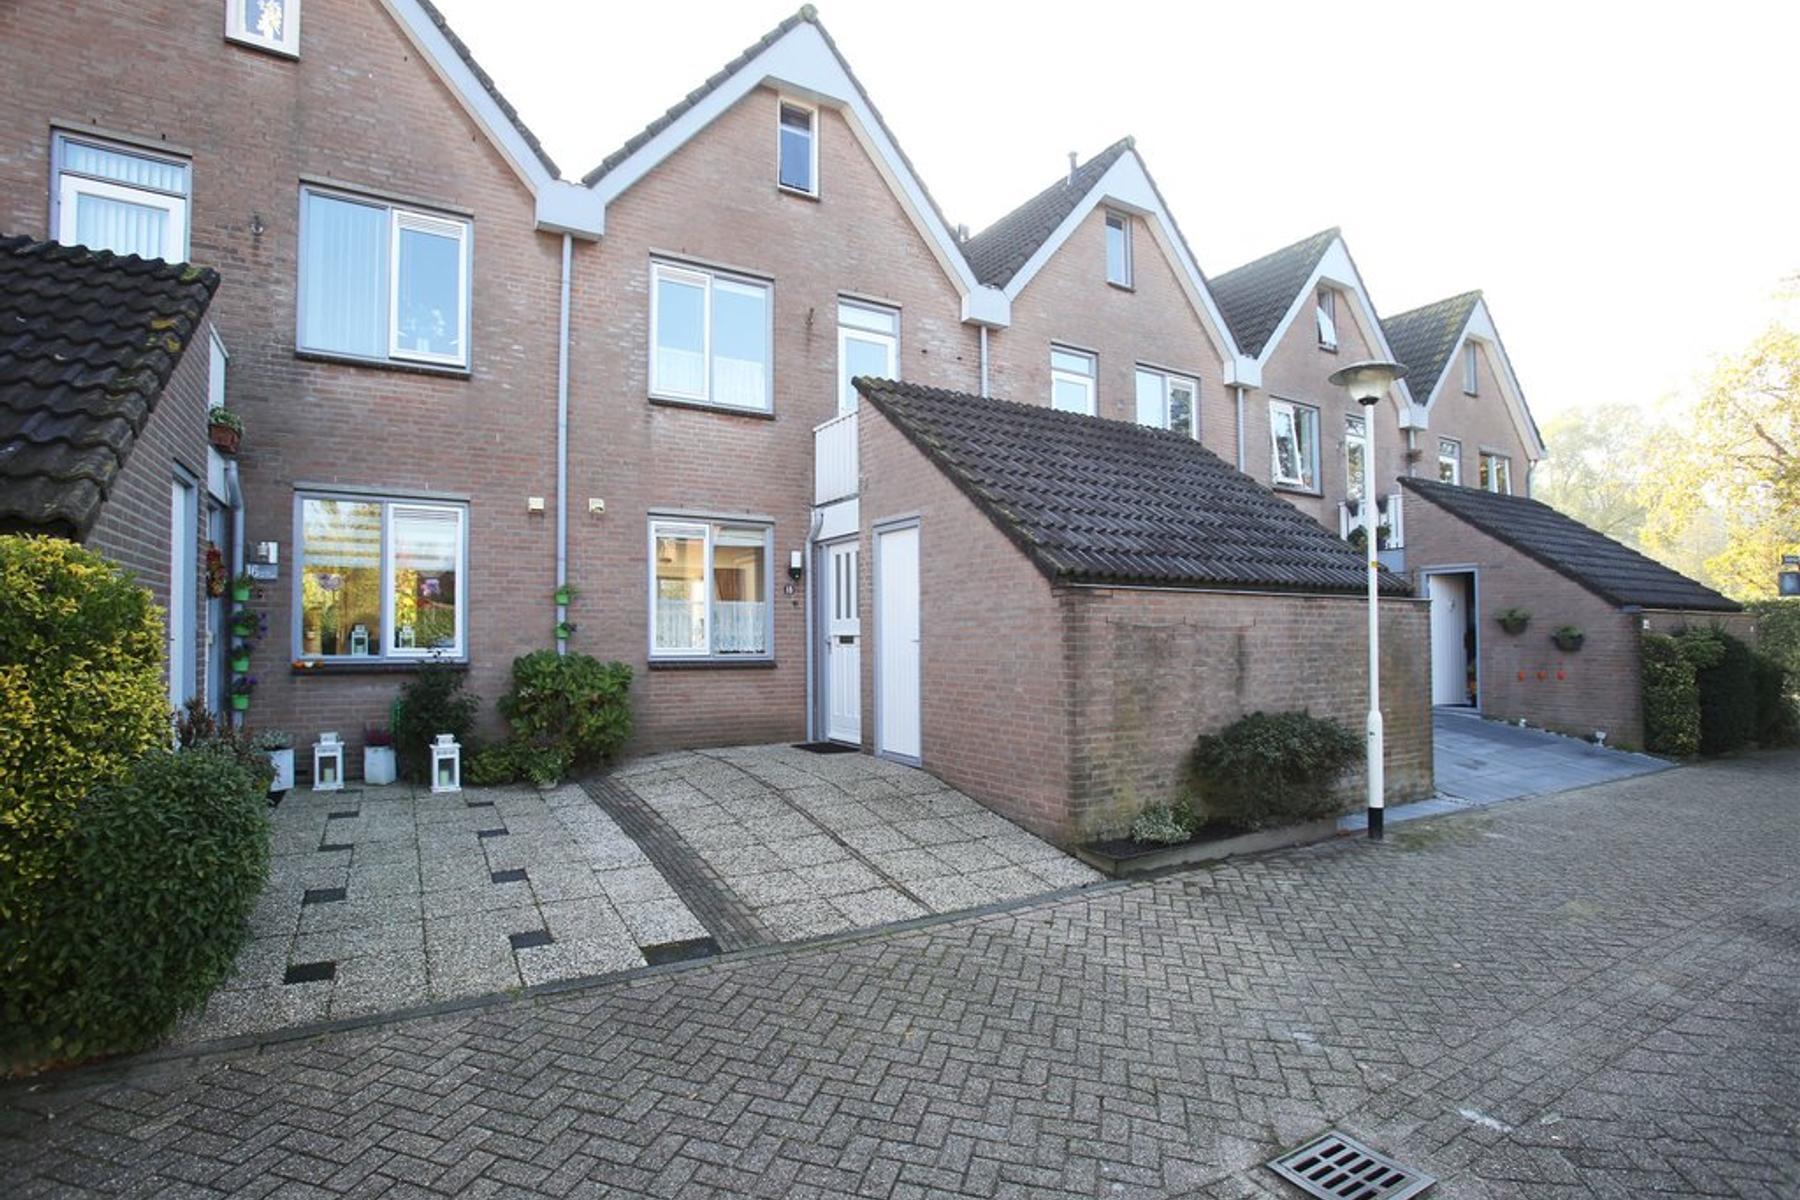 Toscaschouw 18 in Zoetermeer 2726 JL